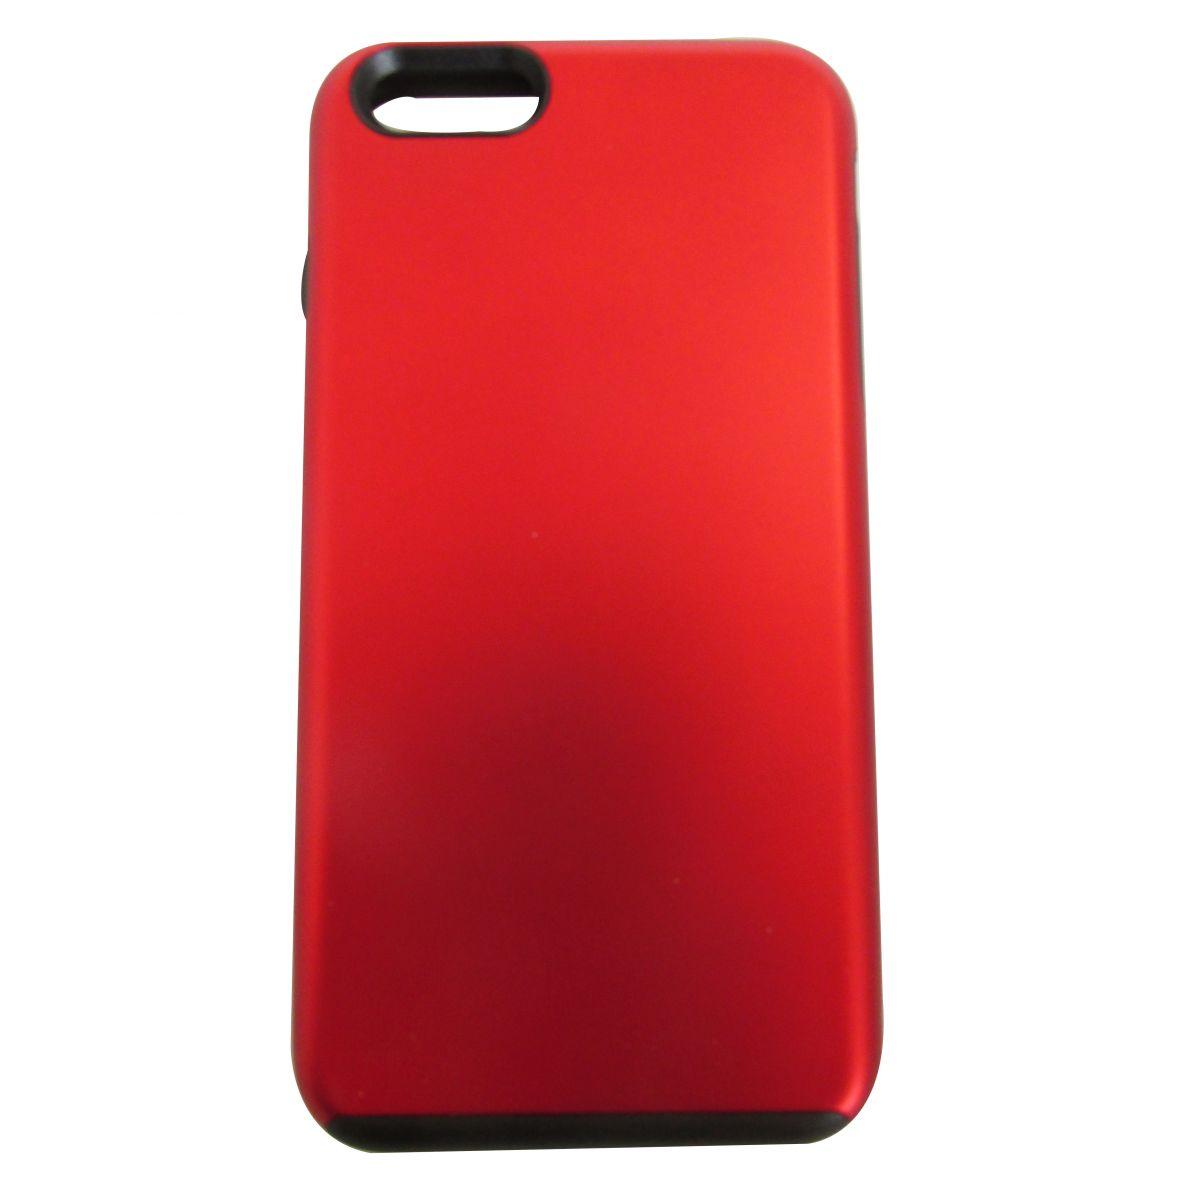 Capa Intelimix Impacto Duo Apple iPhone 6 6S Plus - Vermelha